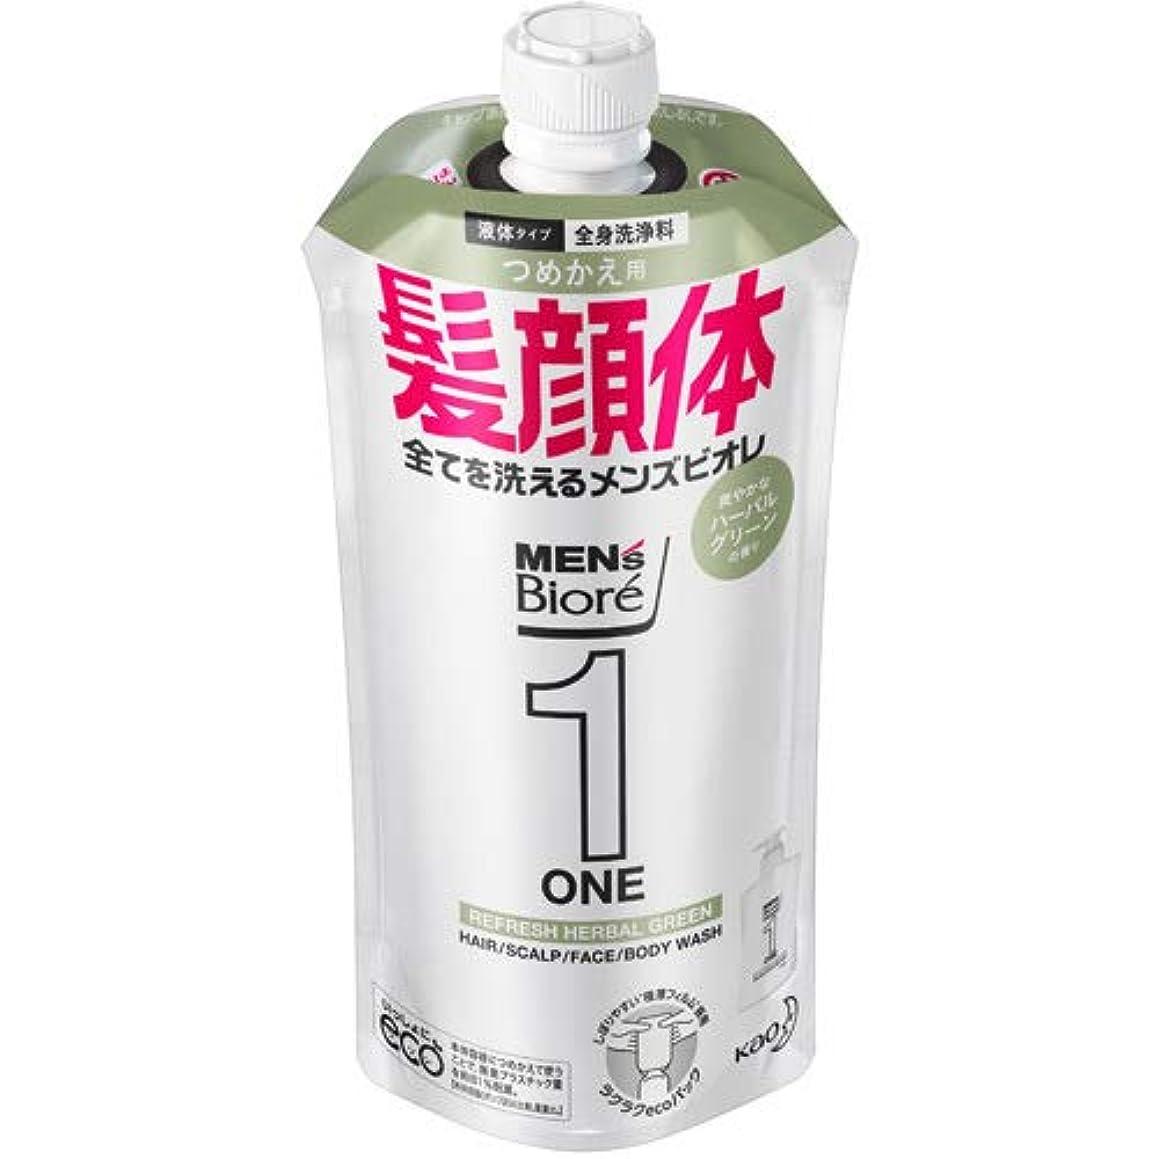 回復取り除く動揺させるメンズビオレONE オールインワン全身洗浄料 爽やかなハーブルグリーンの香り つめかえ用 340mL